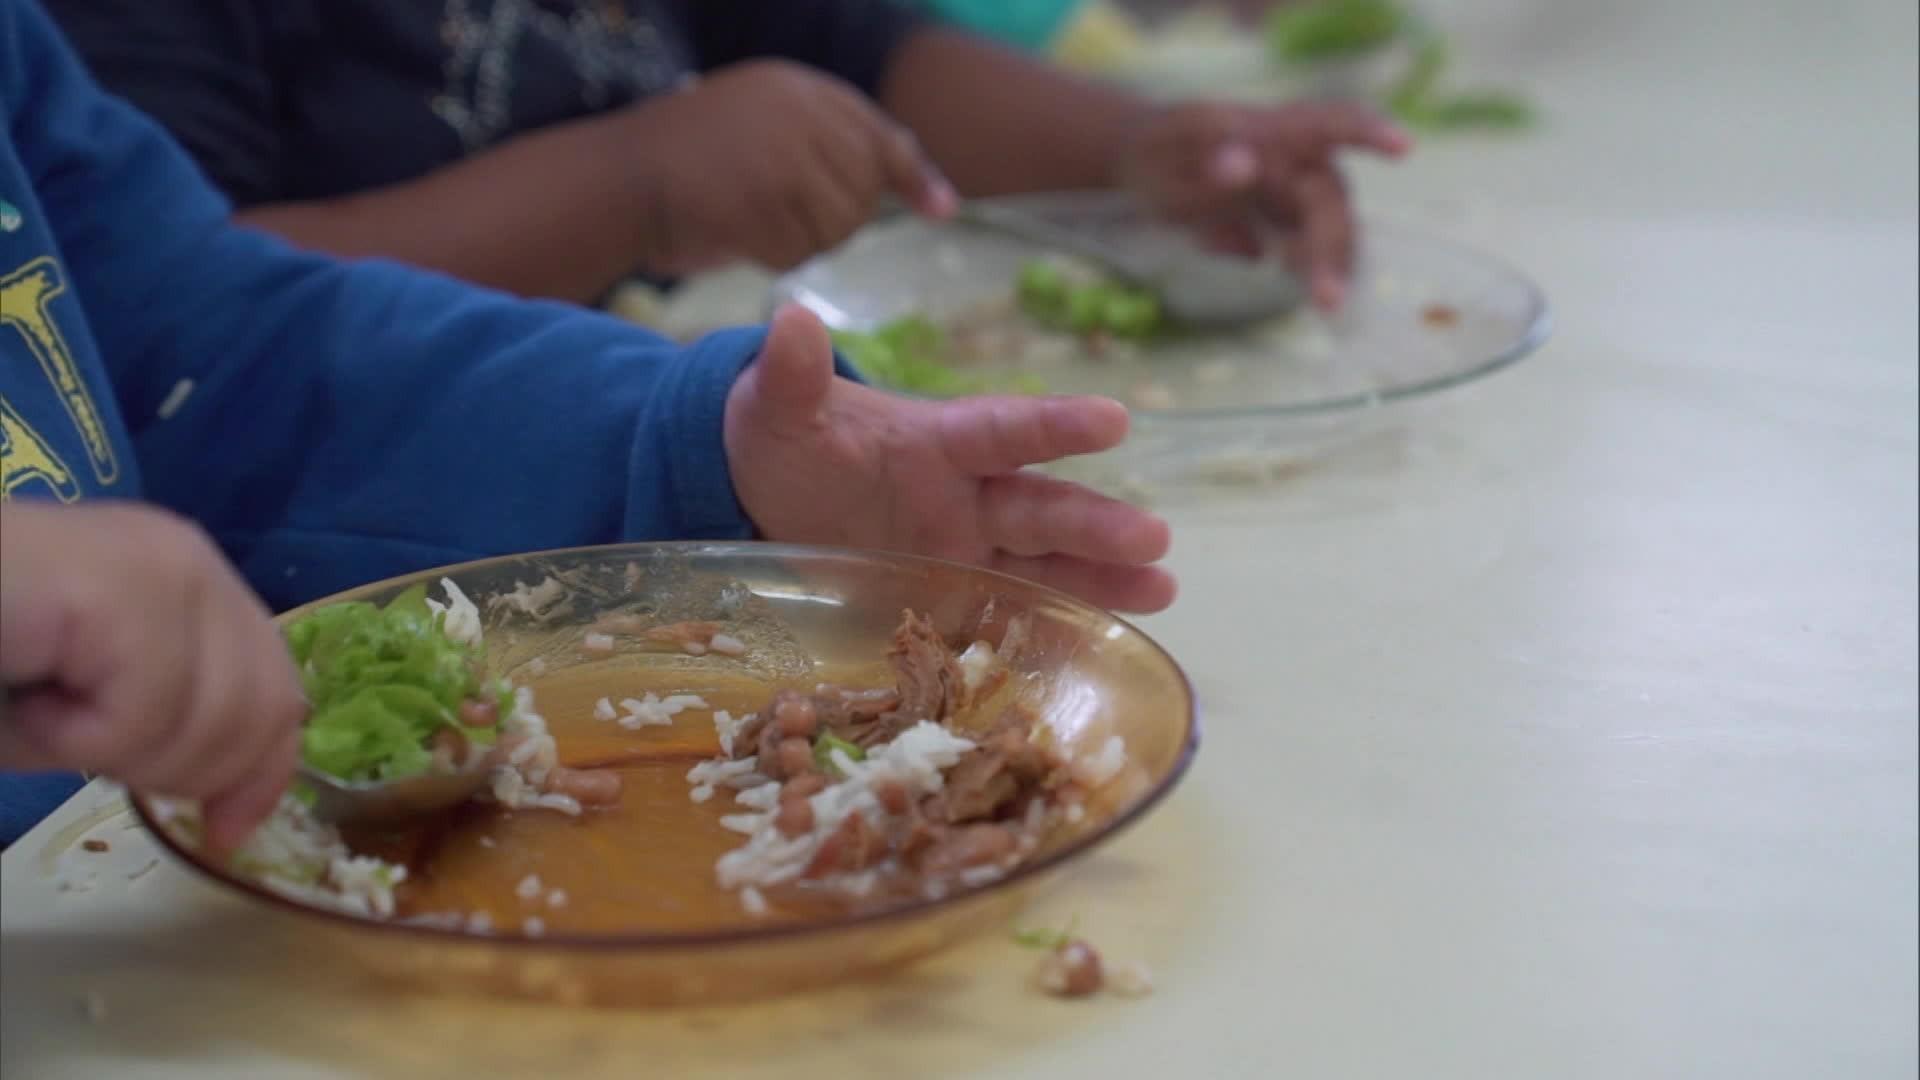 Quase metade das famílias com crianças menores de 5 anos passa por insegurança alimentar, diz estudo